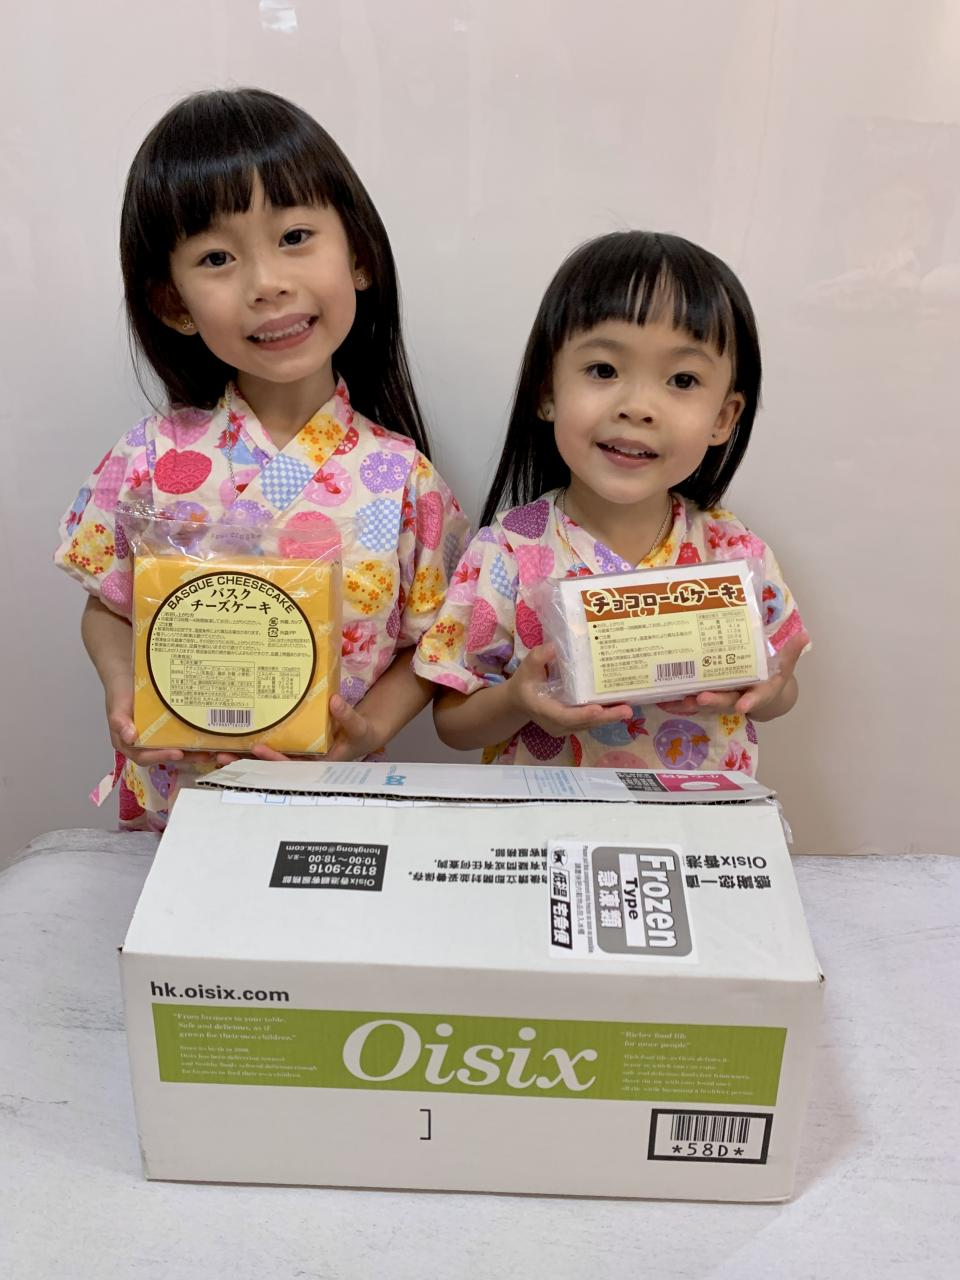 #不能錯過的日本空運甜品🍮 #早鳥預購優惠 #日本甜品控集合😋😋